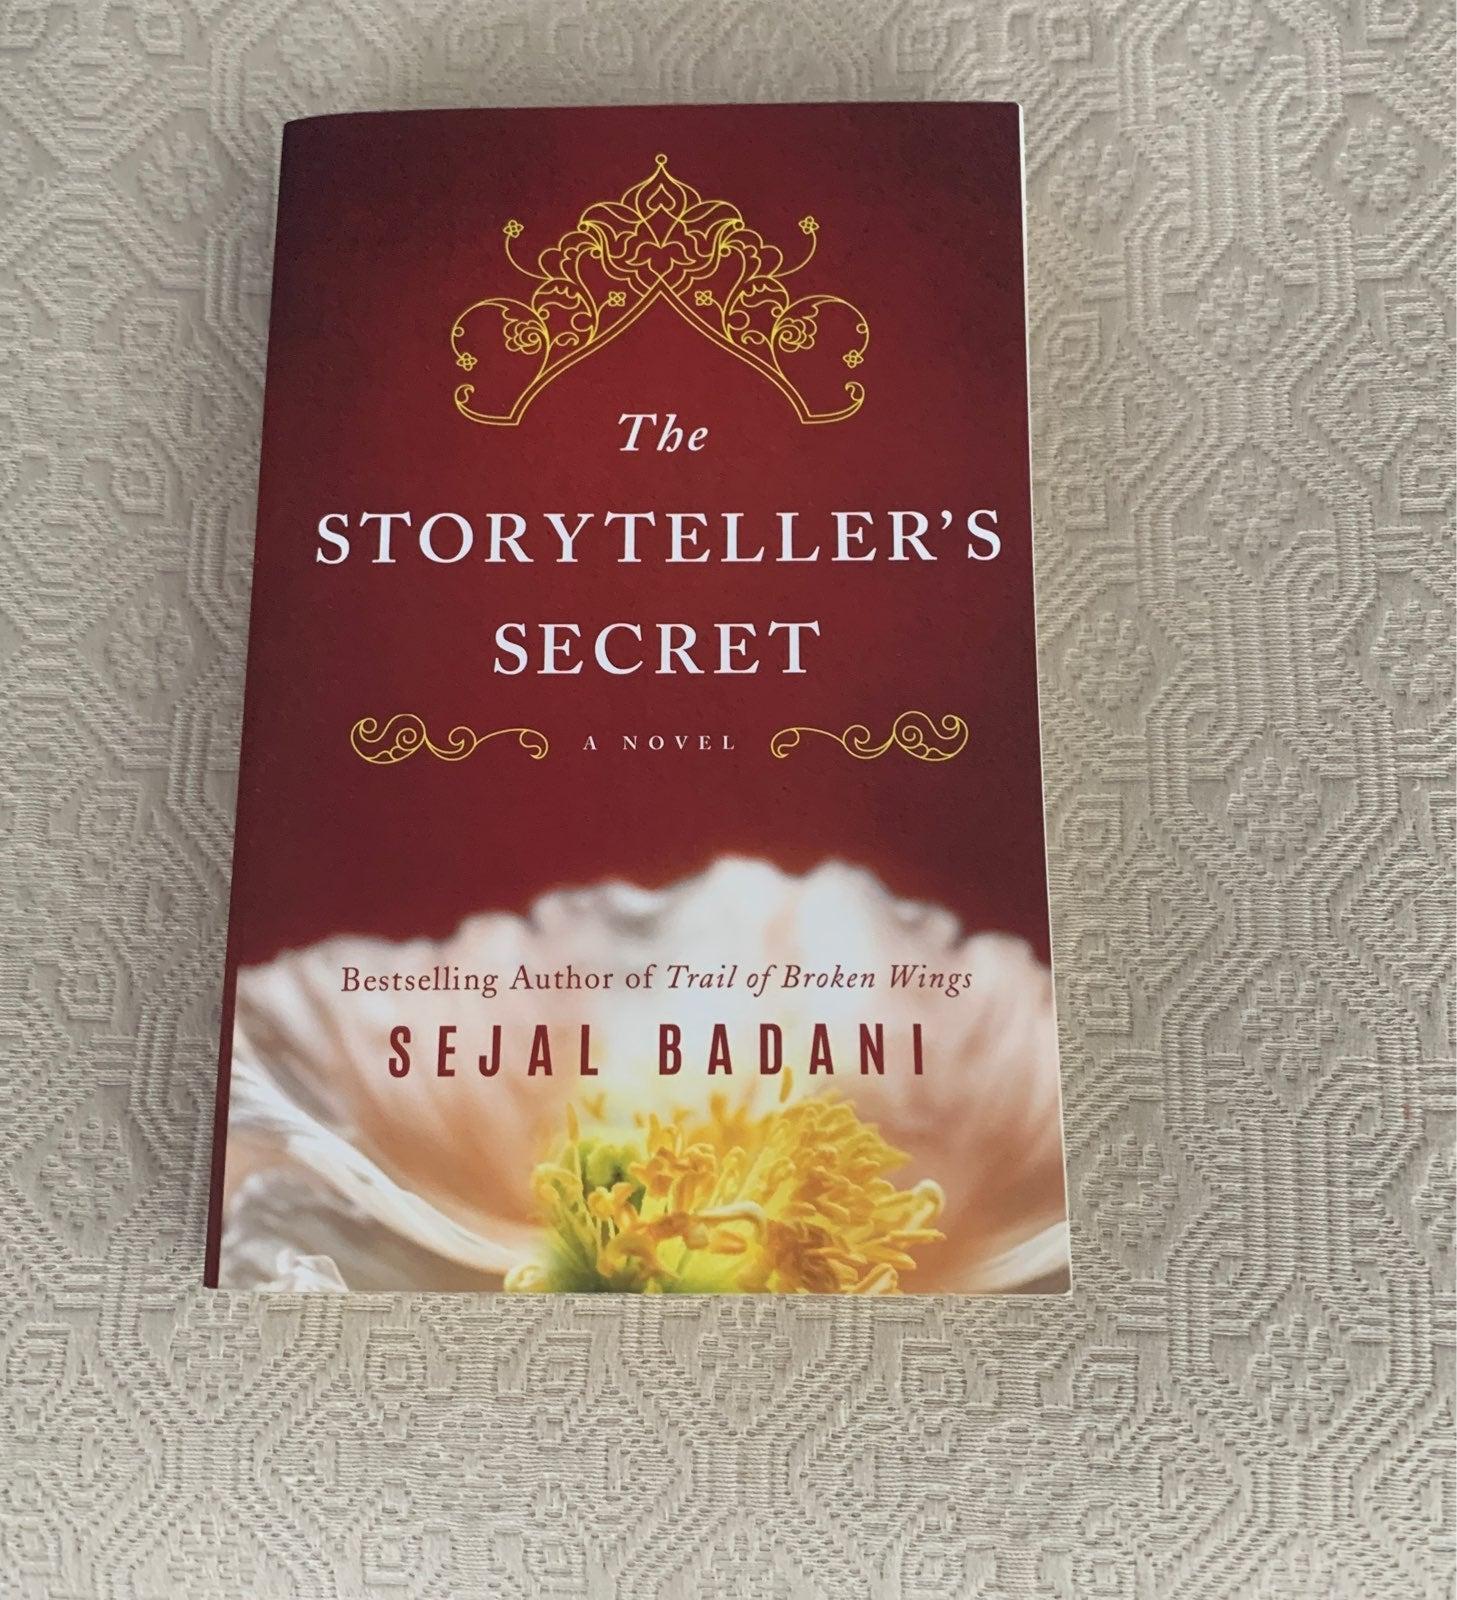 The Storytellers Secret, novel